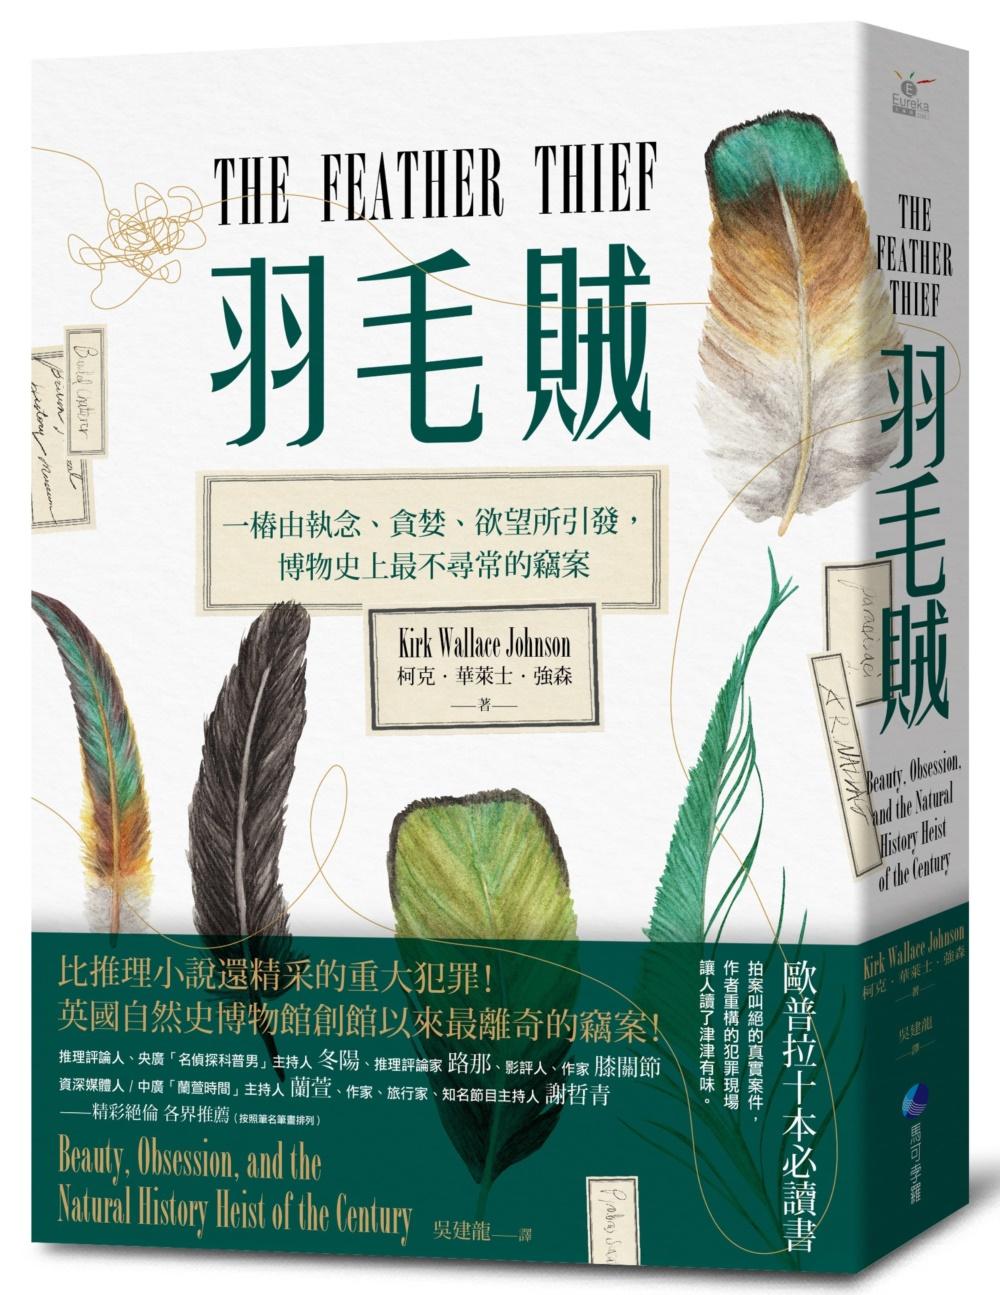 羽毛賊:一樁由執念、貪婪、欲望所引發,博物史上最不尋常的竊案